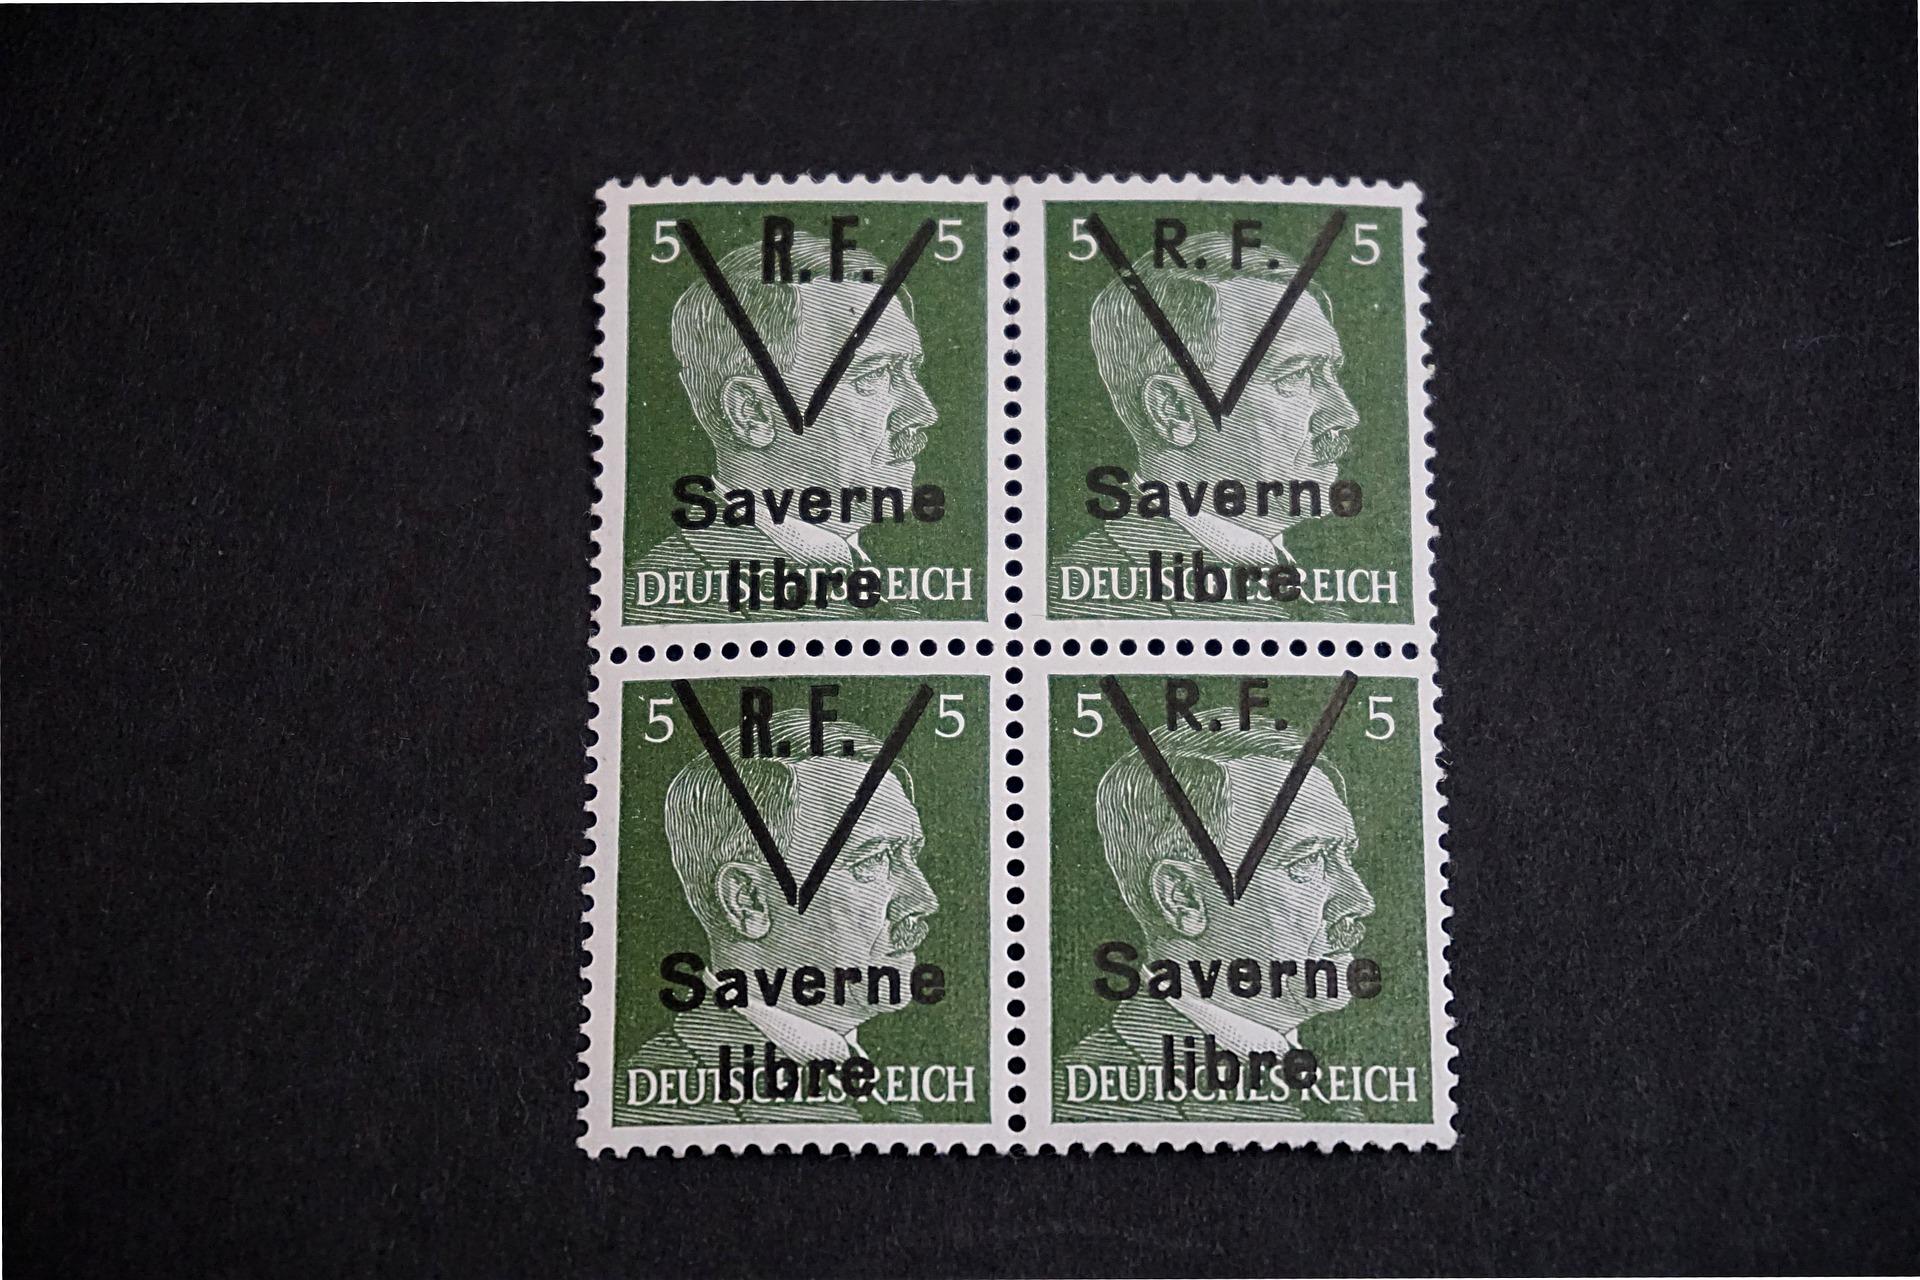 В Орловской области проверяют информацию о продаже марок с изображением Гитлера